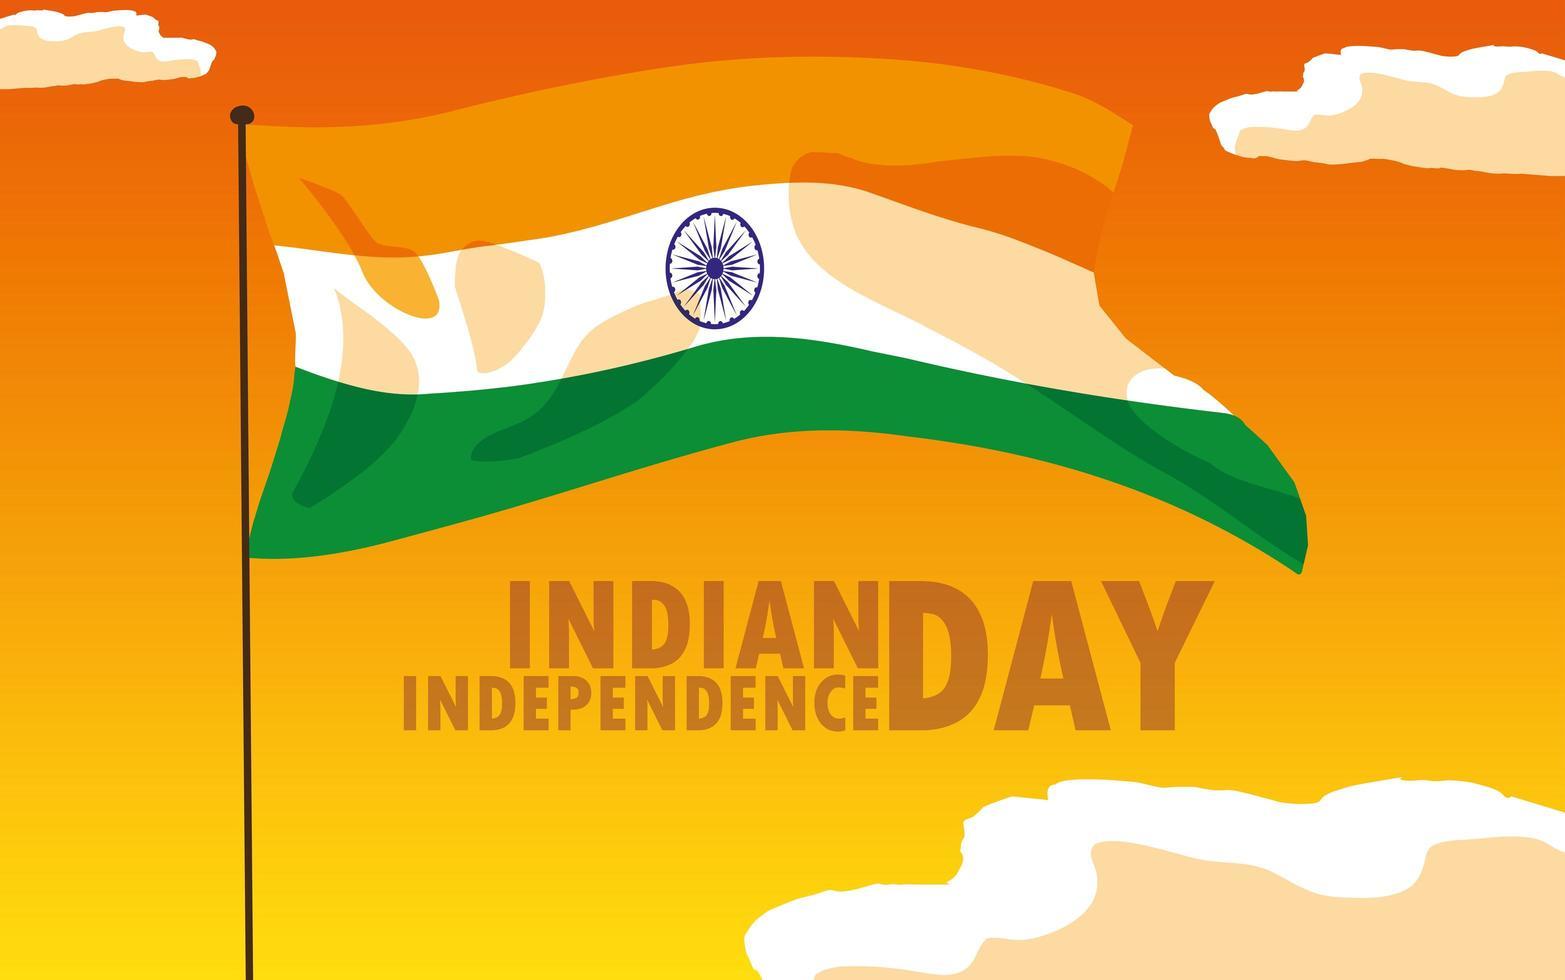 affiche de la fête de lindépendance indienne avec drapeau vecteur